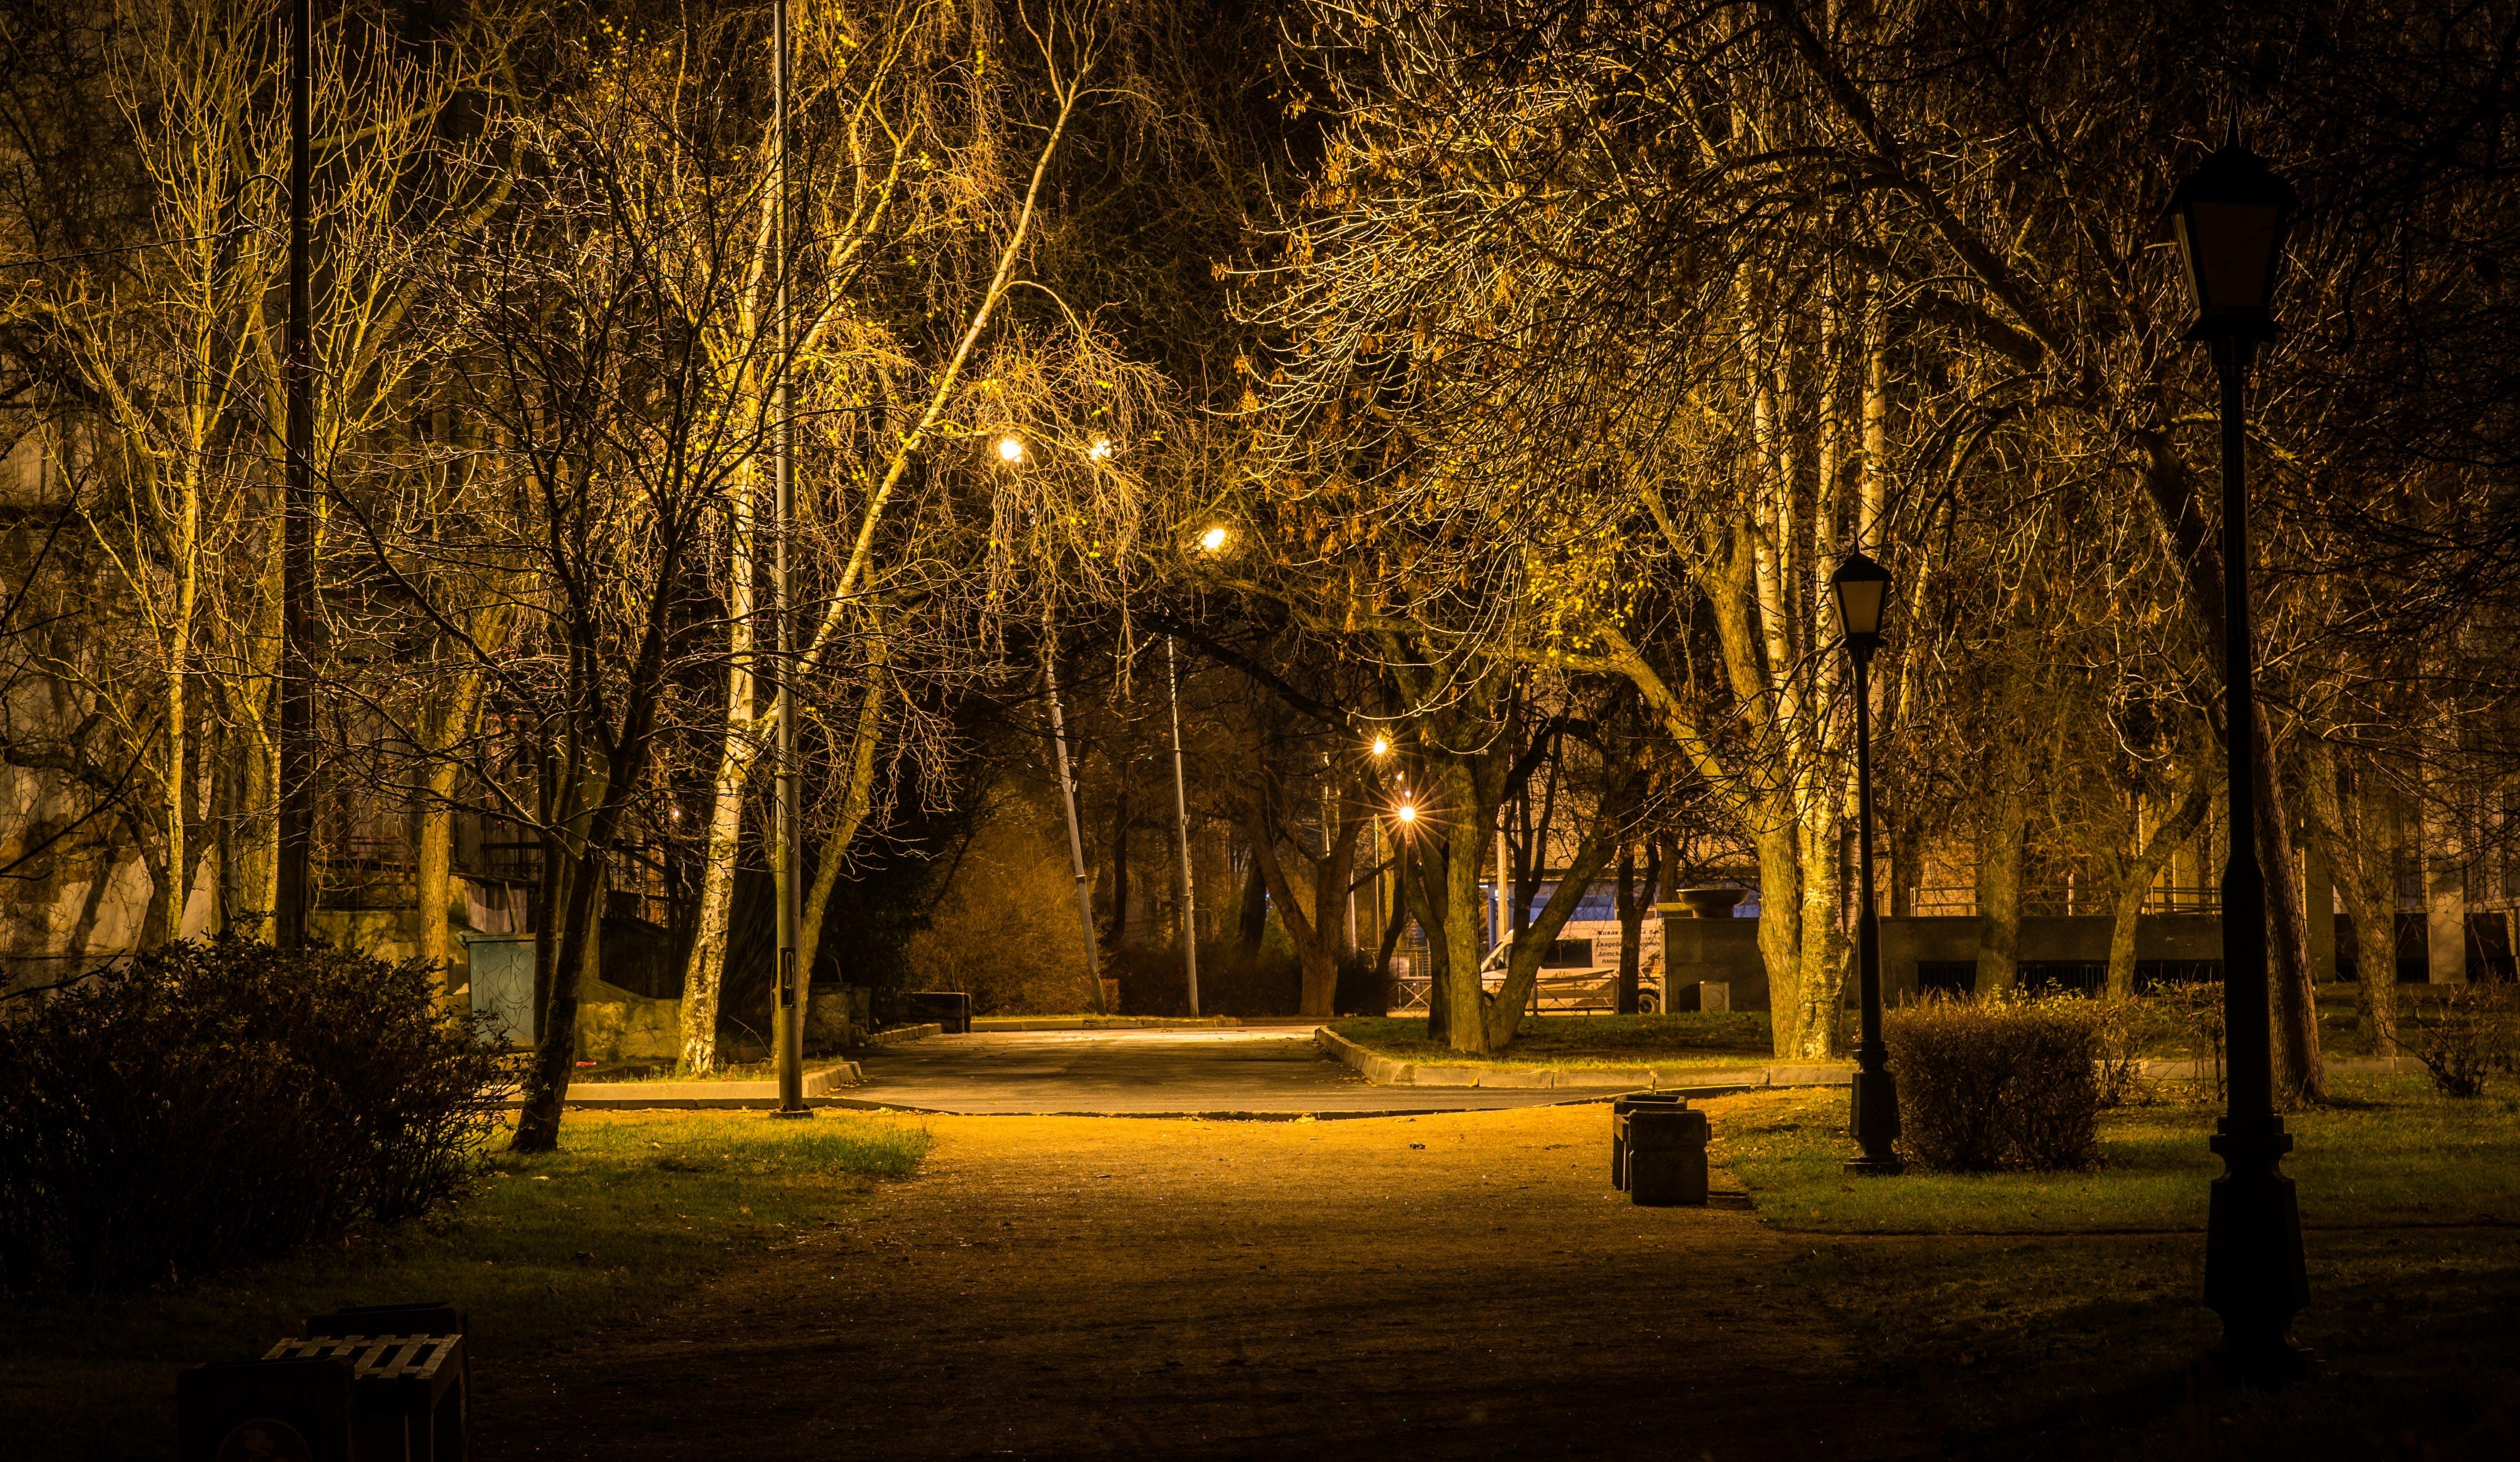 city park, landscape, night